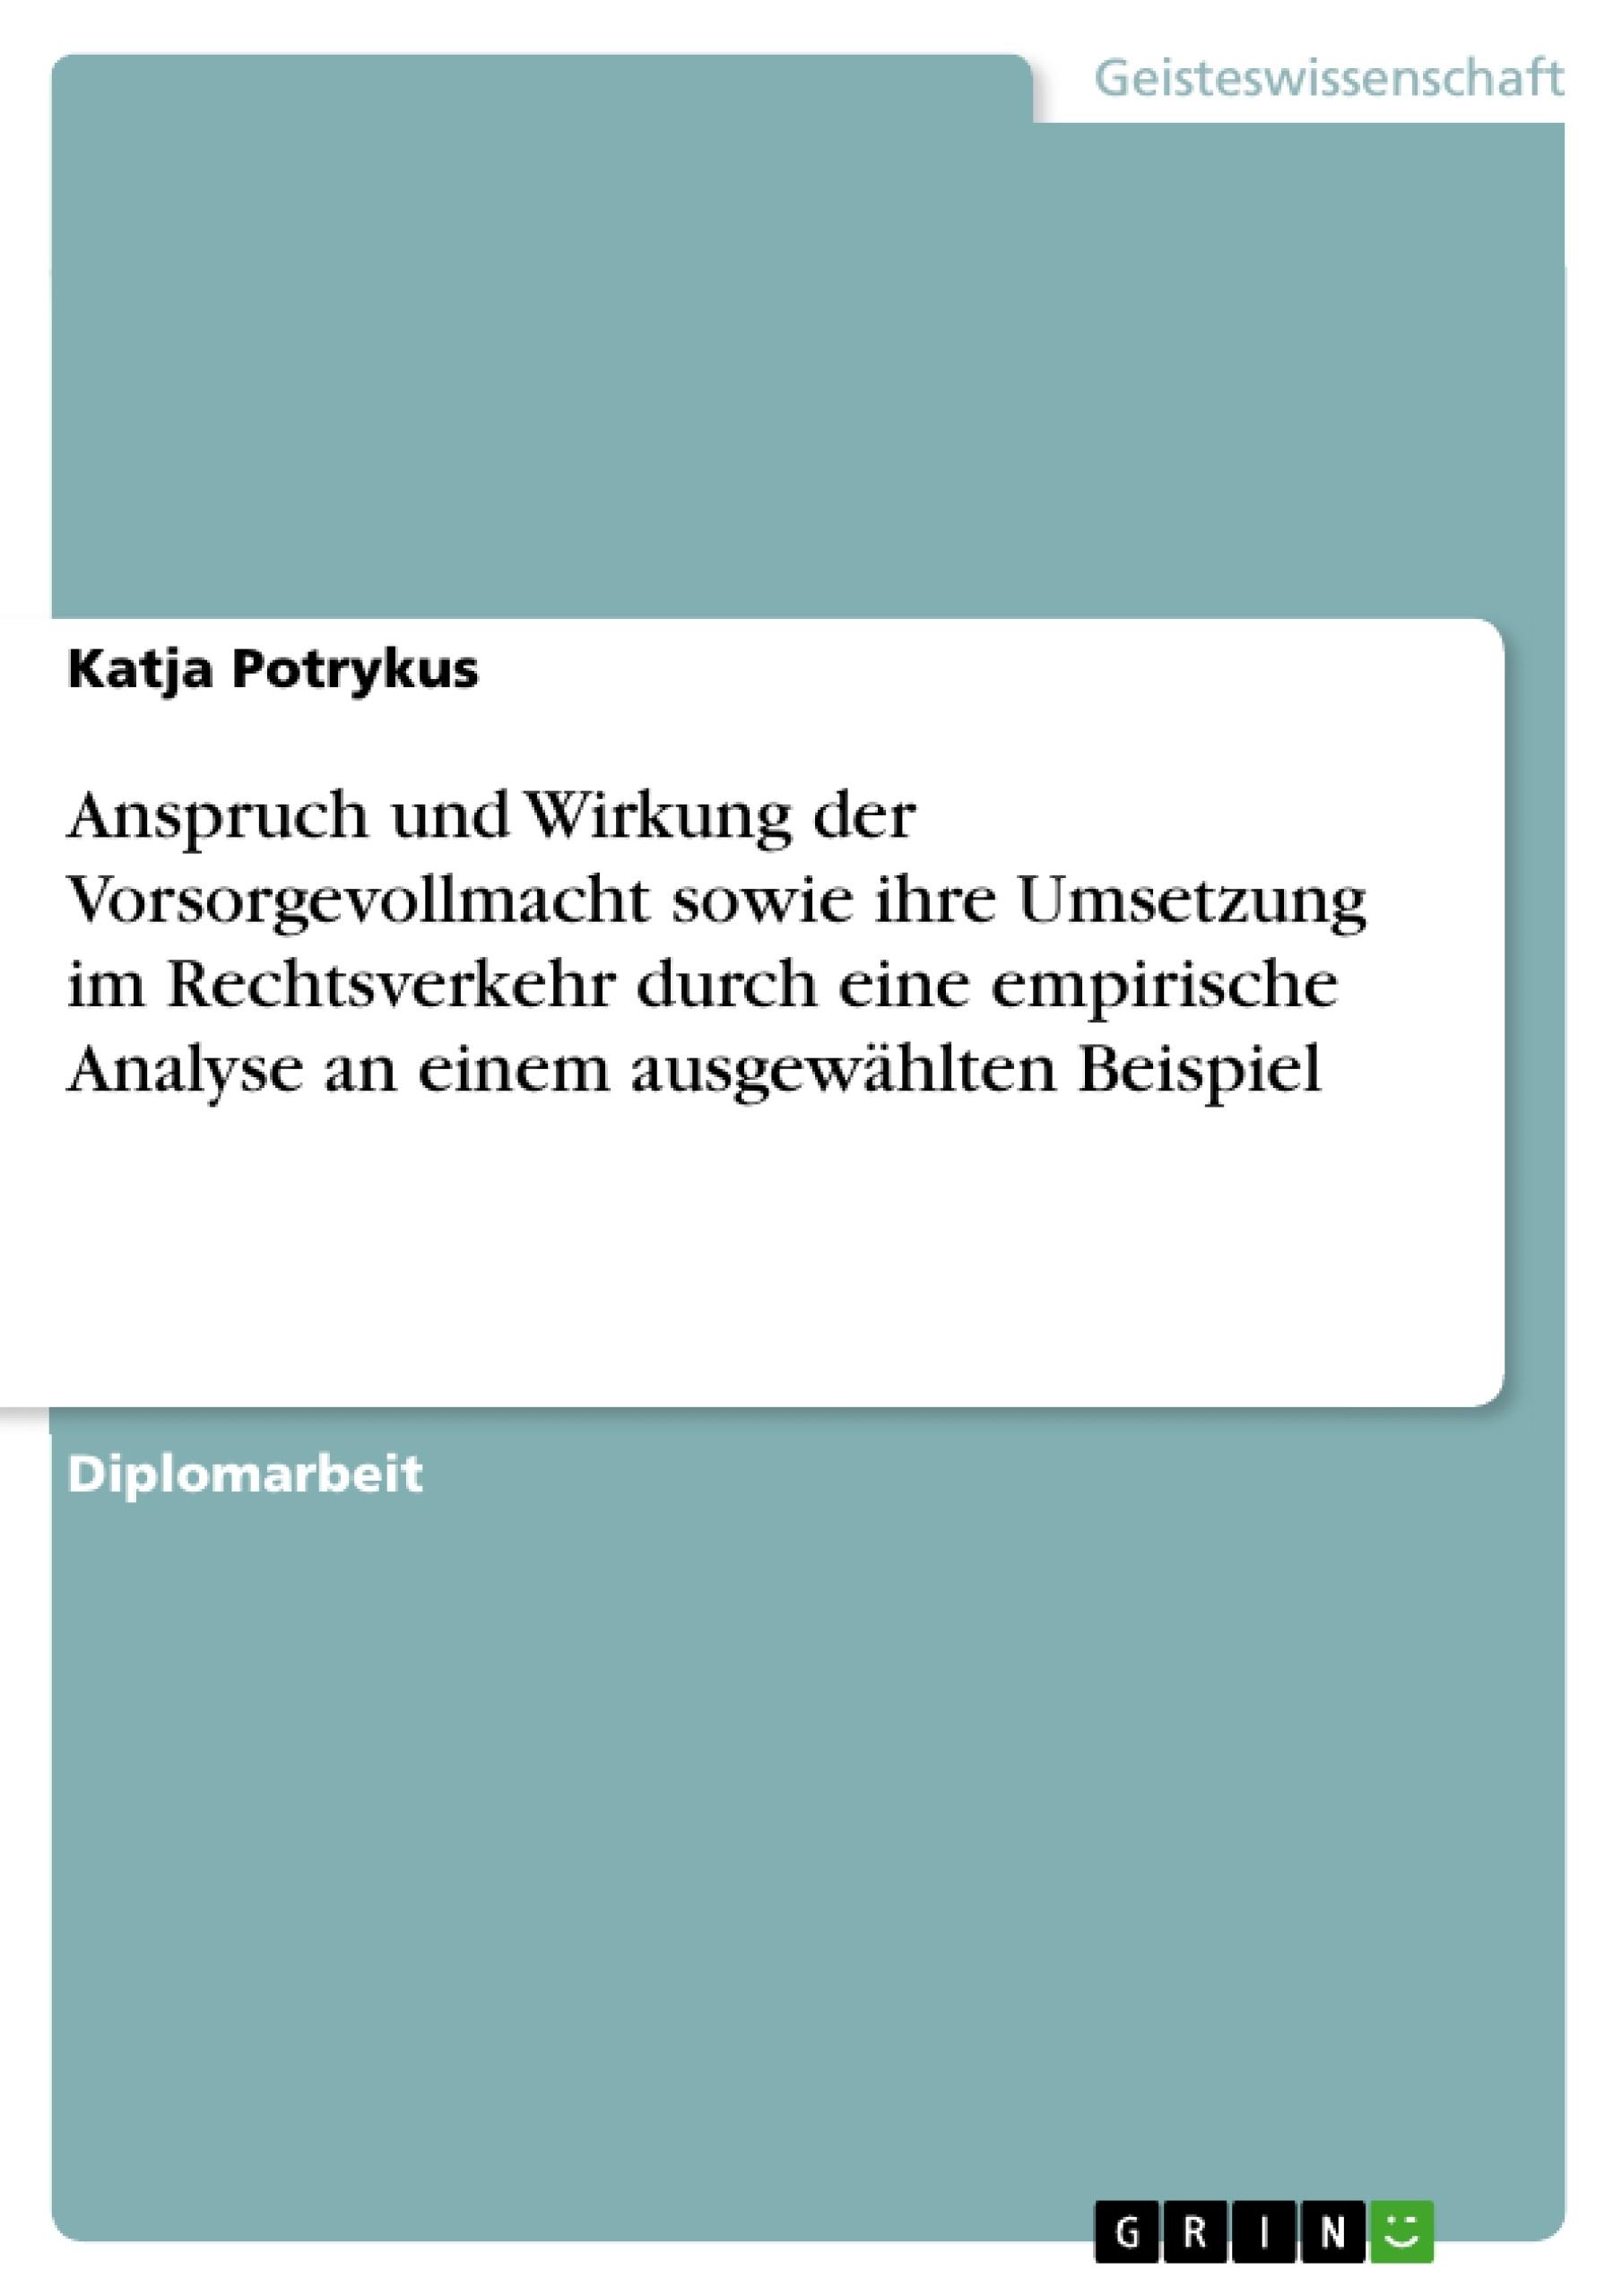 Titel: Anspruch und Wirkung der Vorsorgevollmacht sowie ihre Umsetzung im Rechtsverkehr durch eine empirische Analyse an einem ausgewählten Beispiel